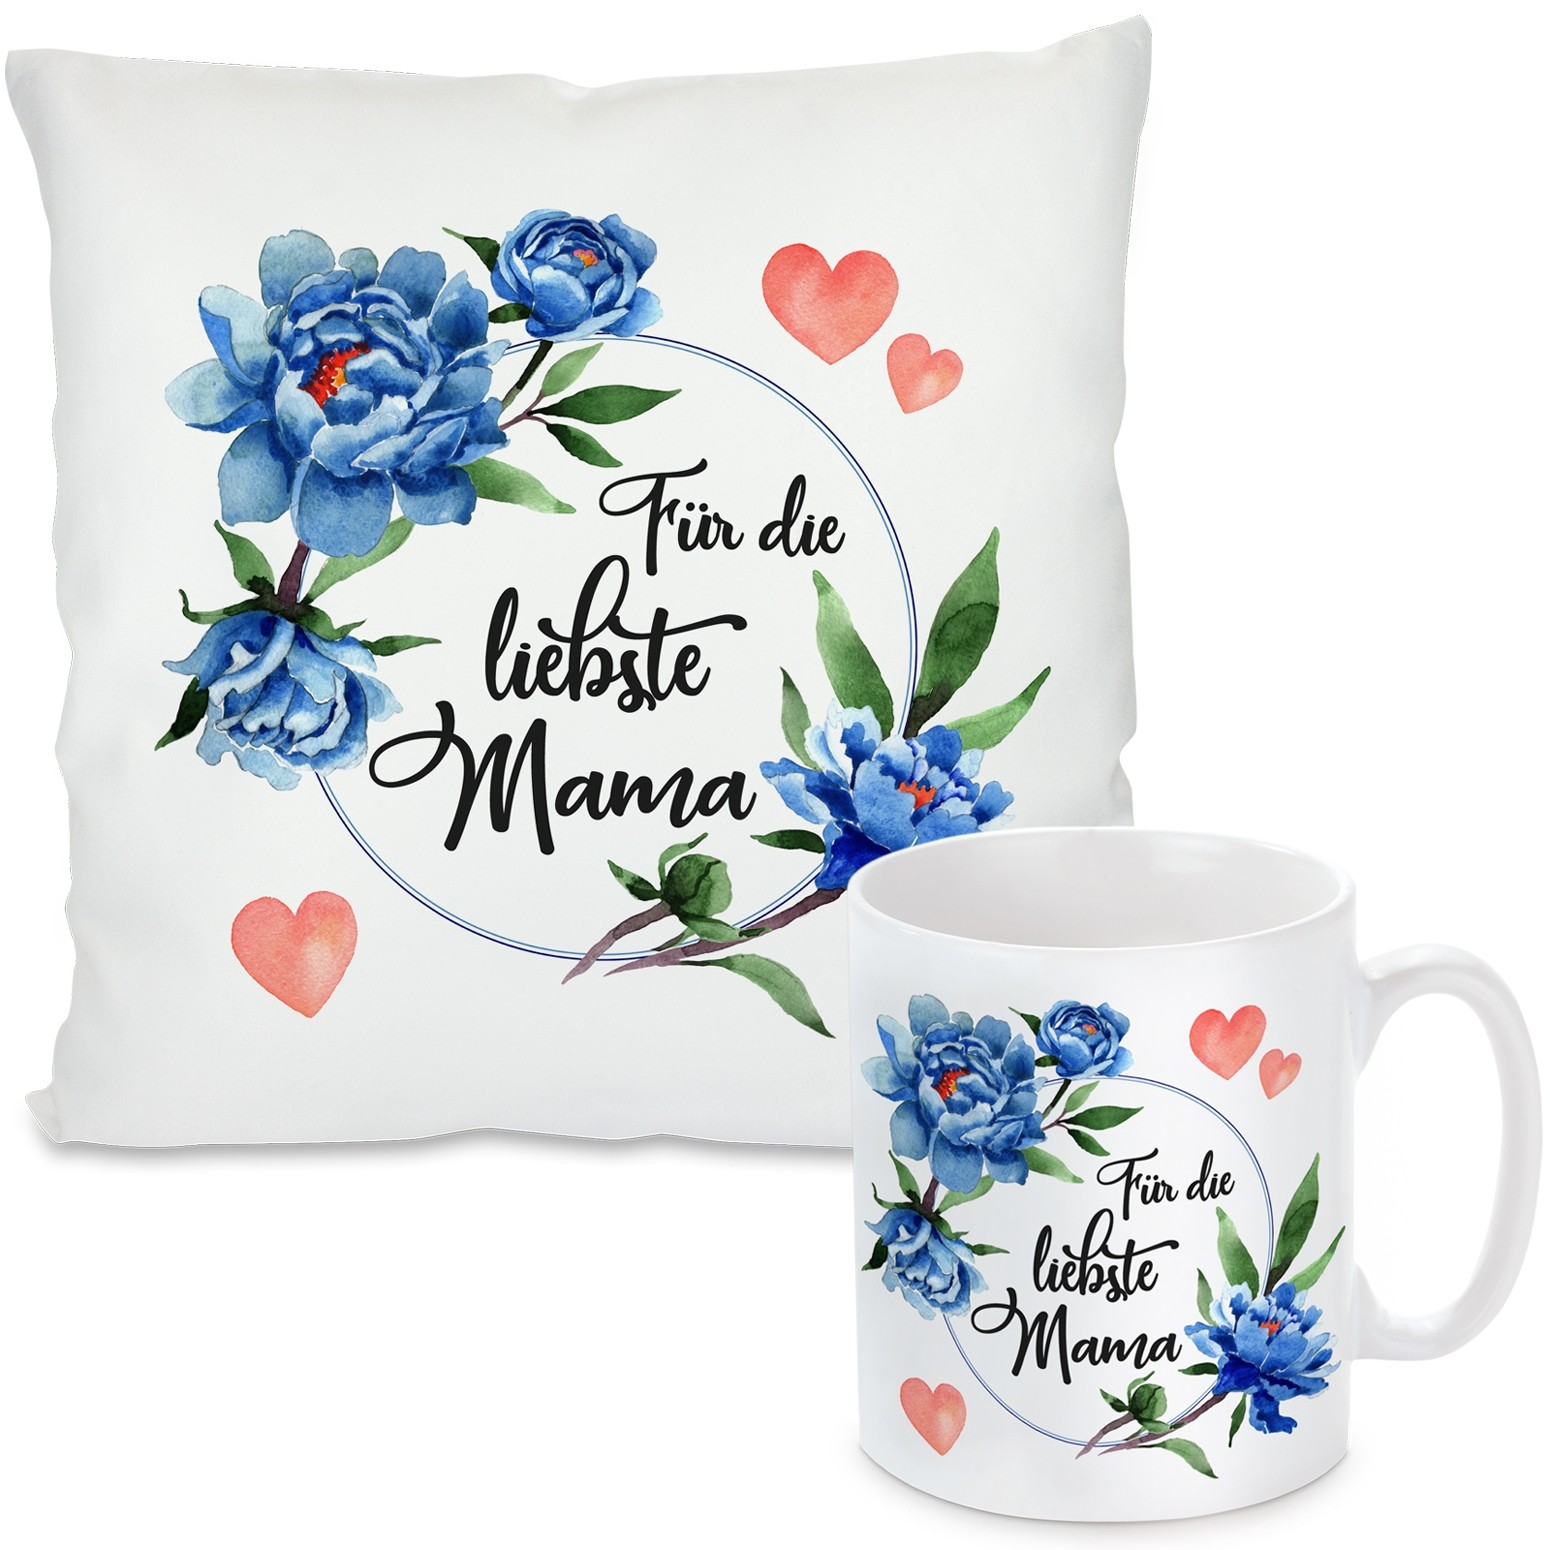 Kissen oder Tasse: Für die liebste Mama